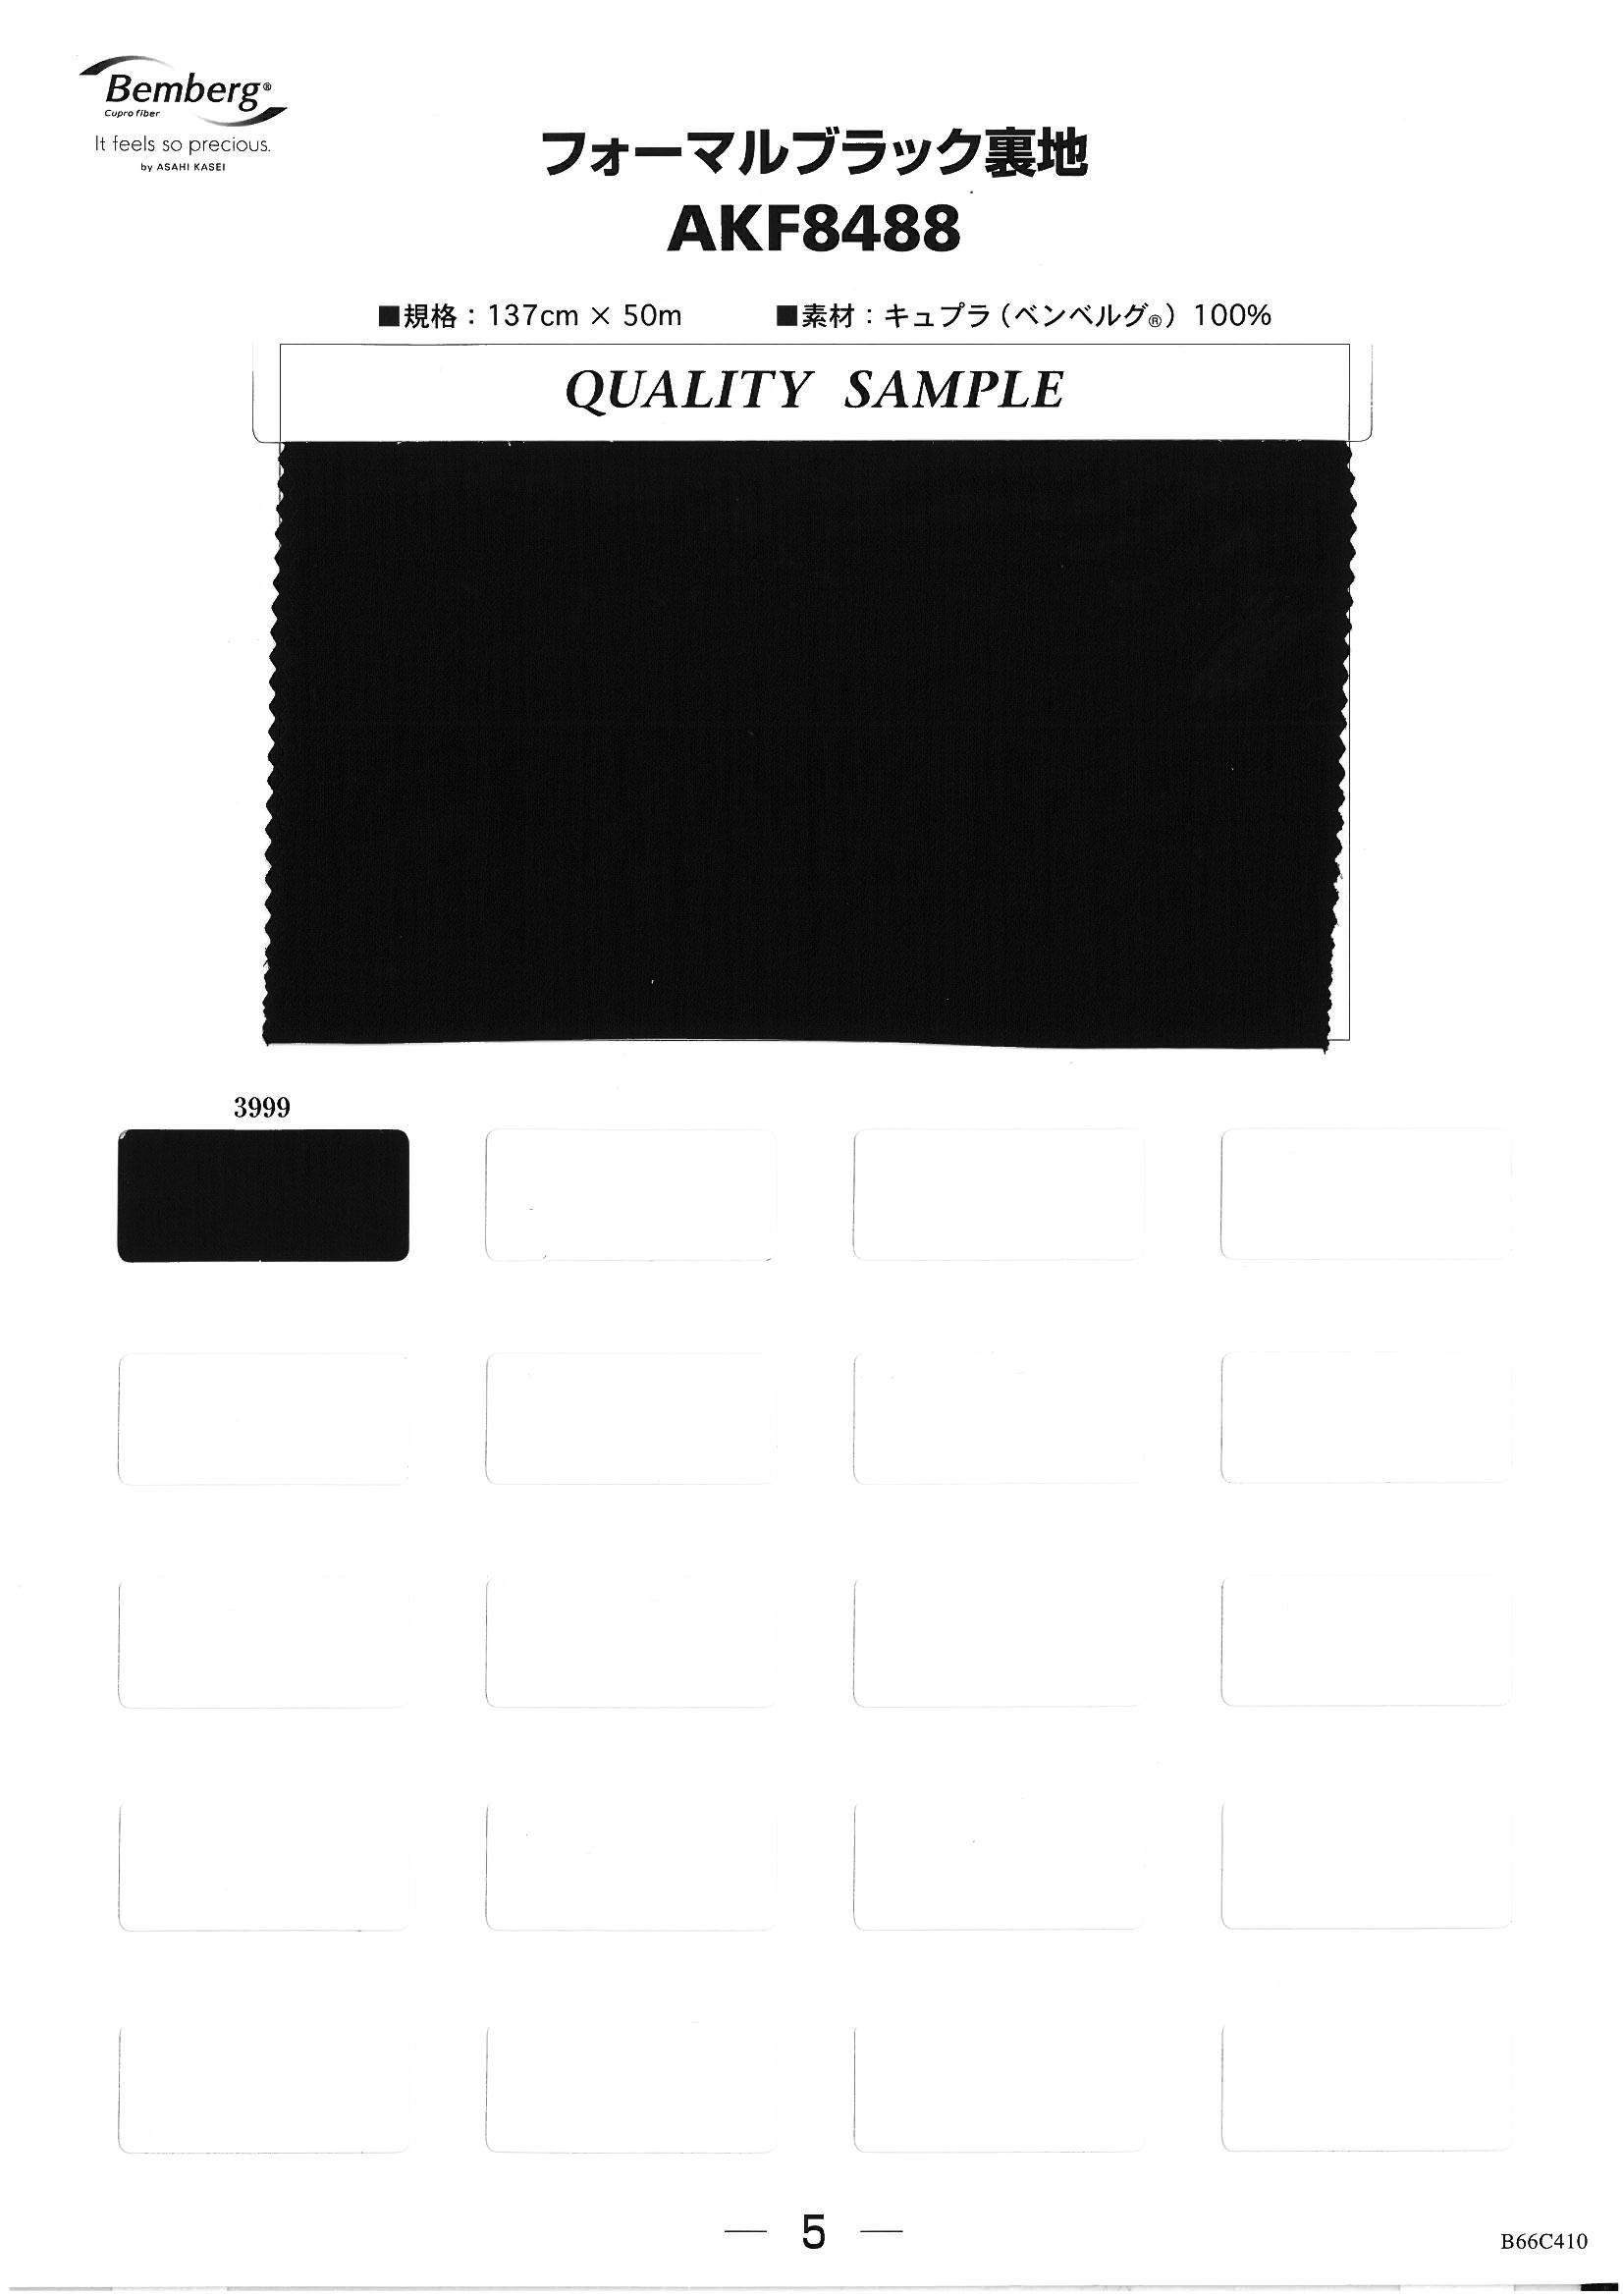 AKF8488 ベンベルグ  広巾 フォーマルブラック裏地 旭化成/オークラ商事 - ApparelX アパレル資材卸通販